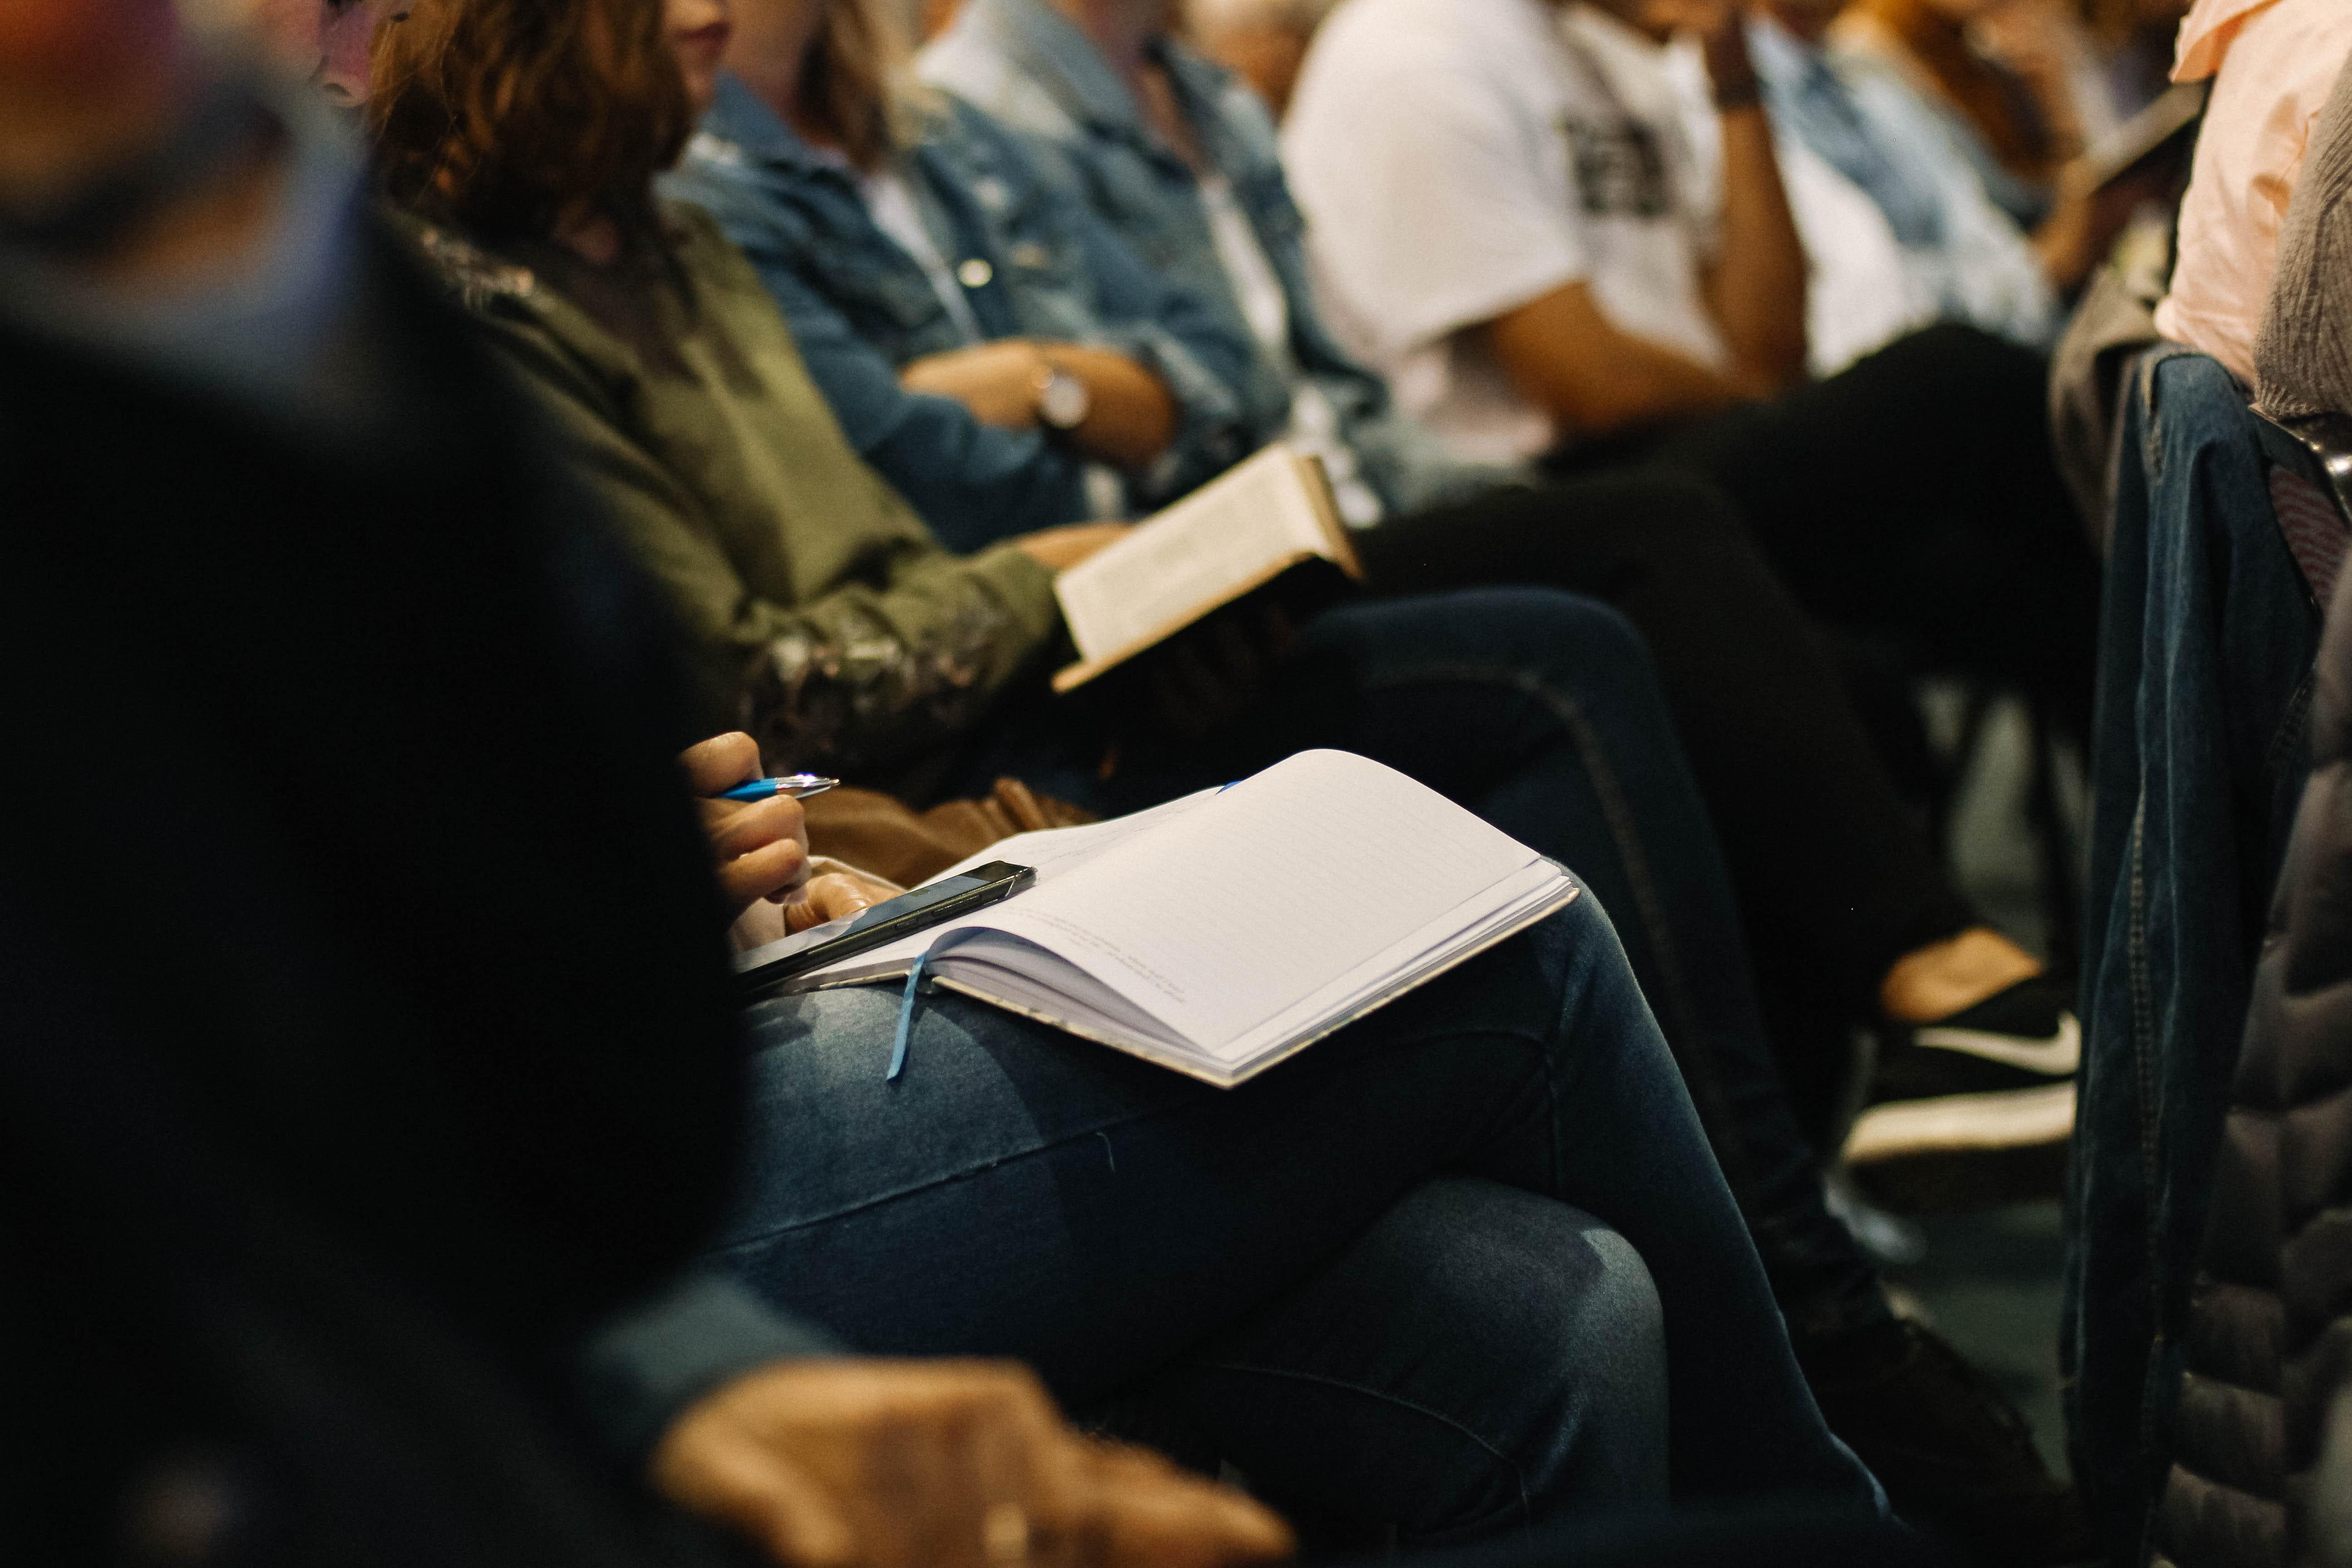 ludzie siedzący na krzesłach z notatkami